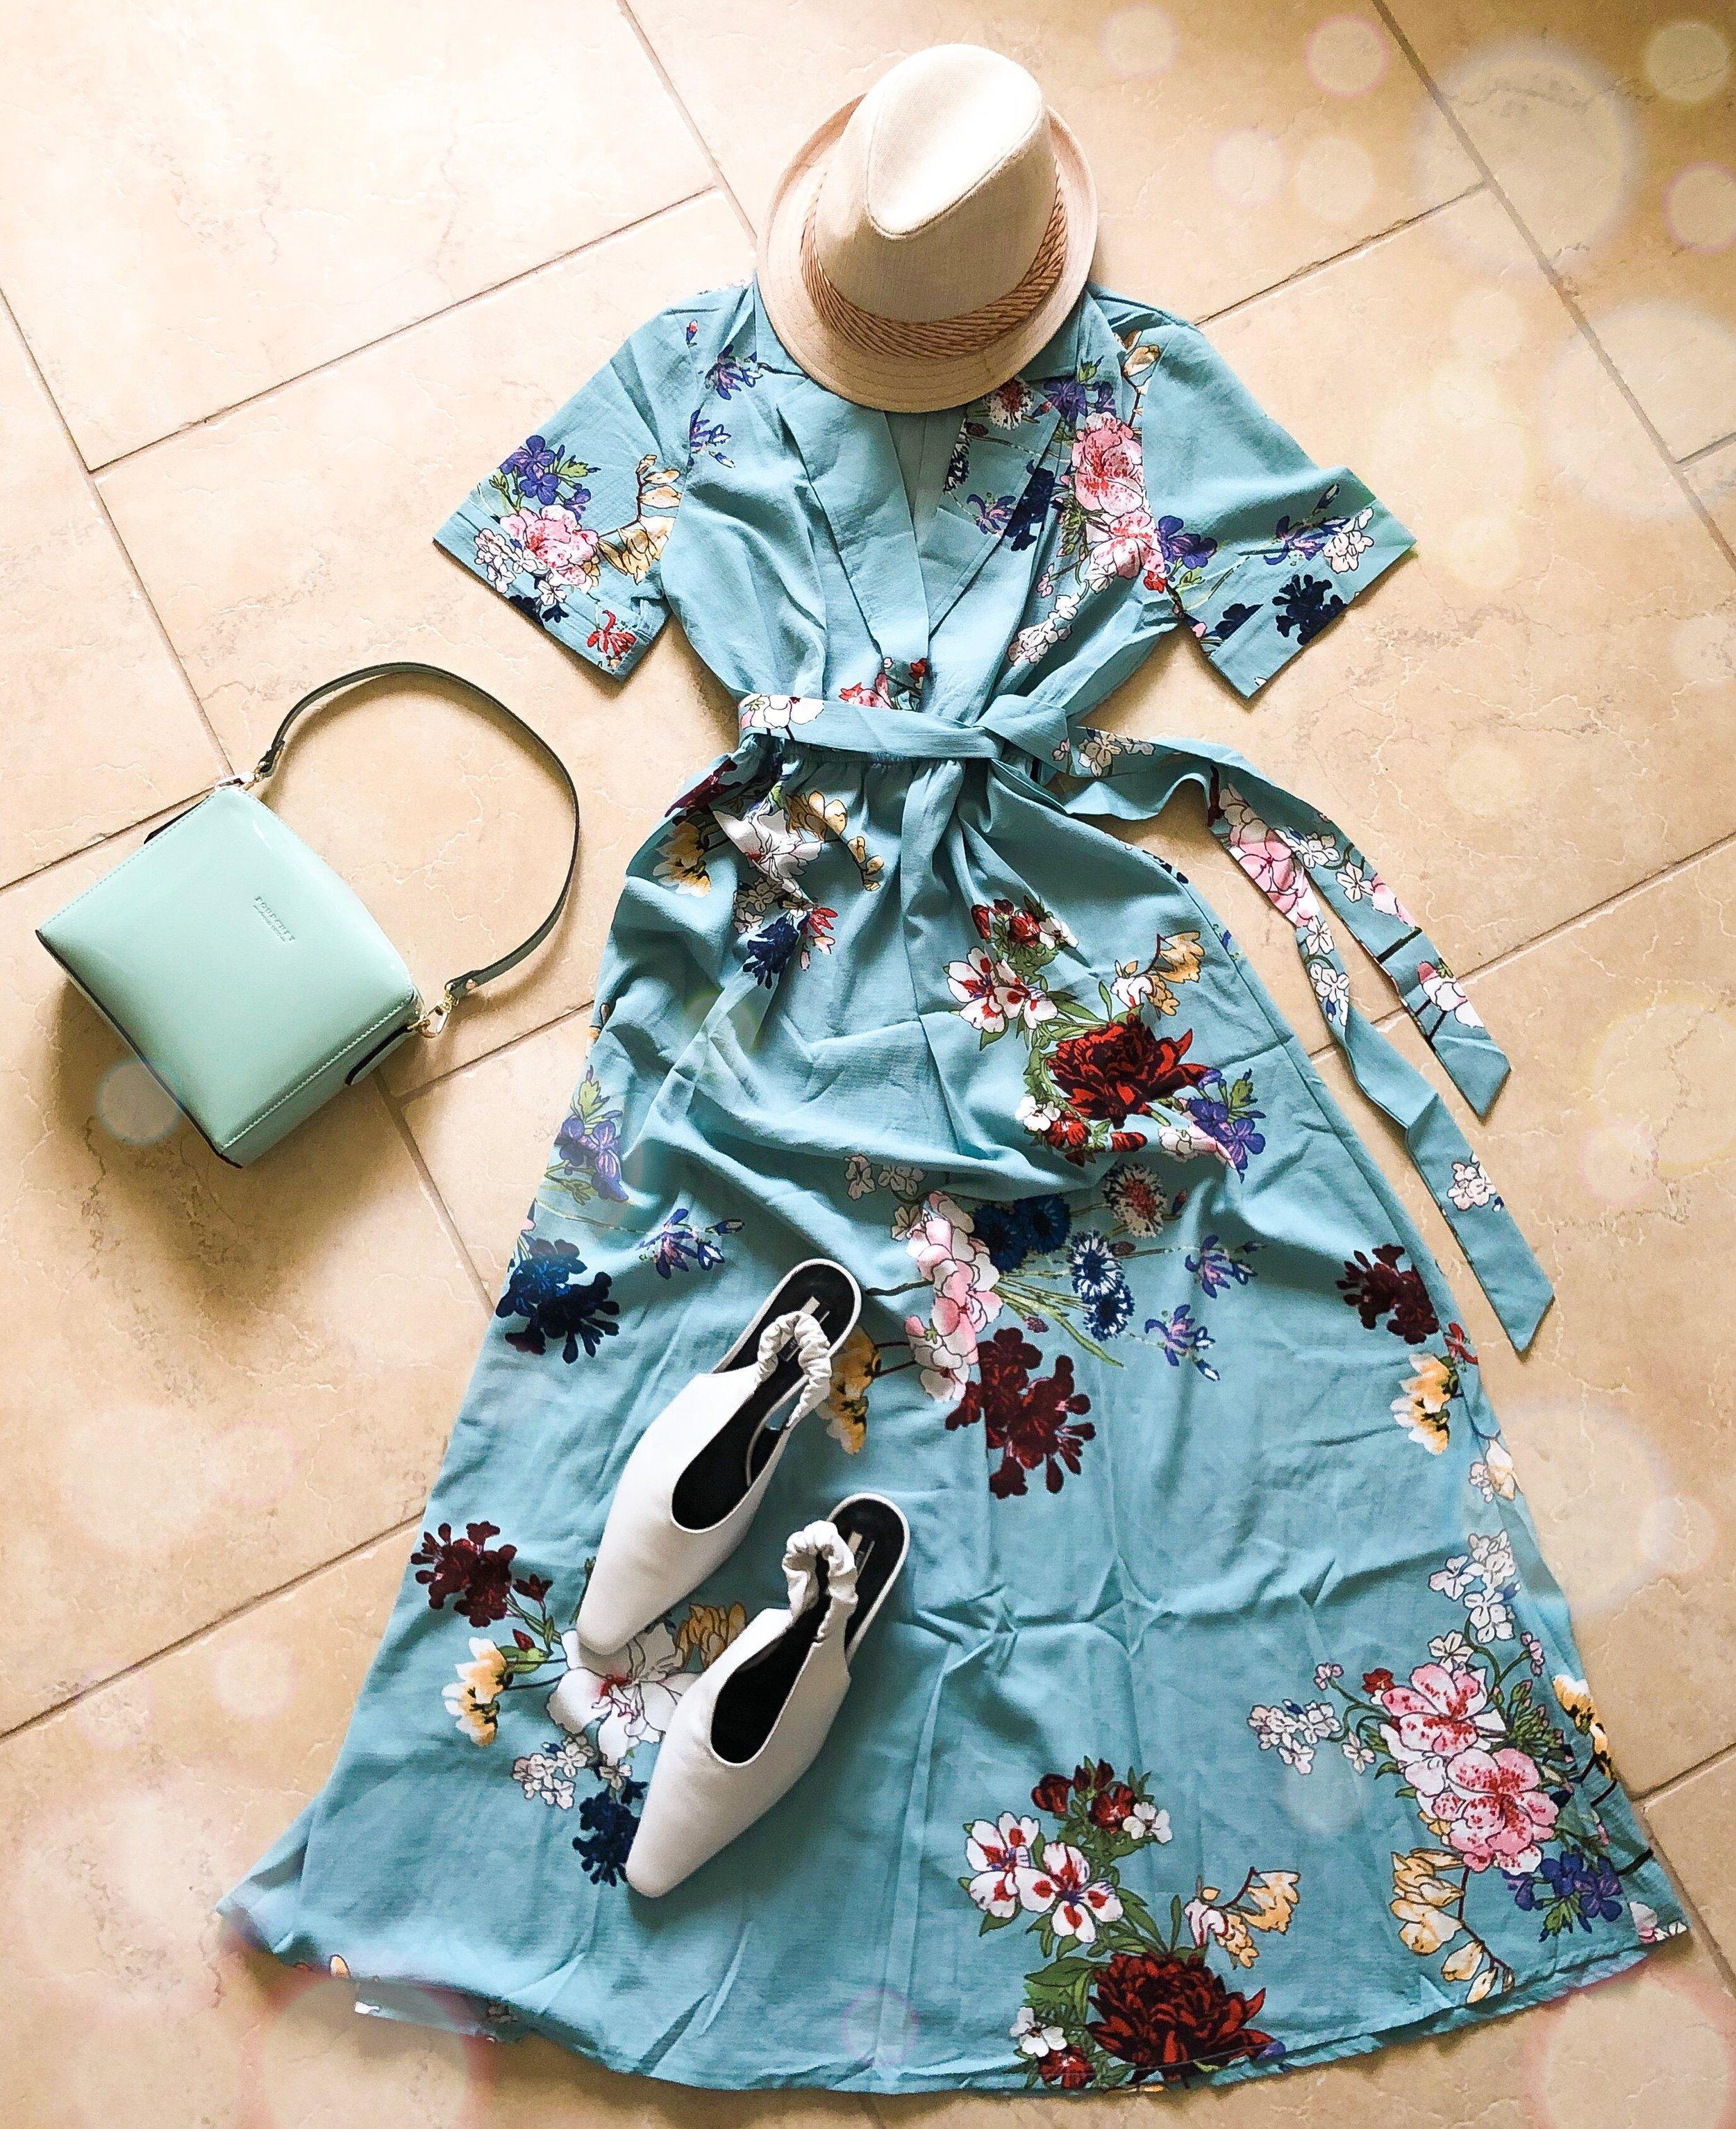 Dress: Shein 467311  http://bit.ly/2JDhXTl , Shoes: TopShop, Purse: Pourchet Paris